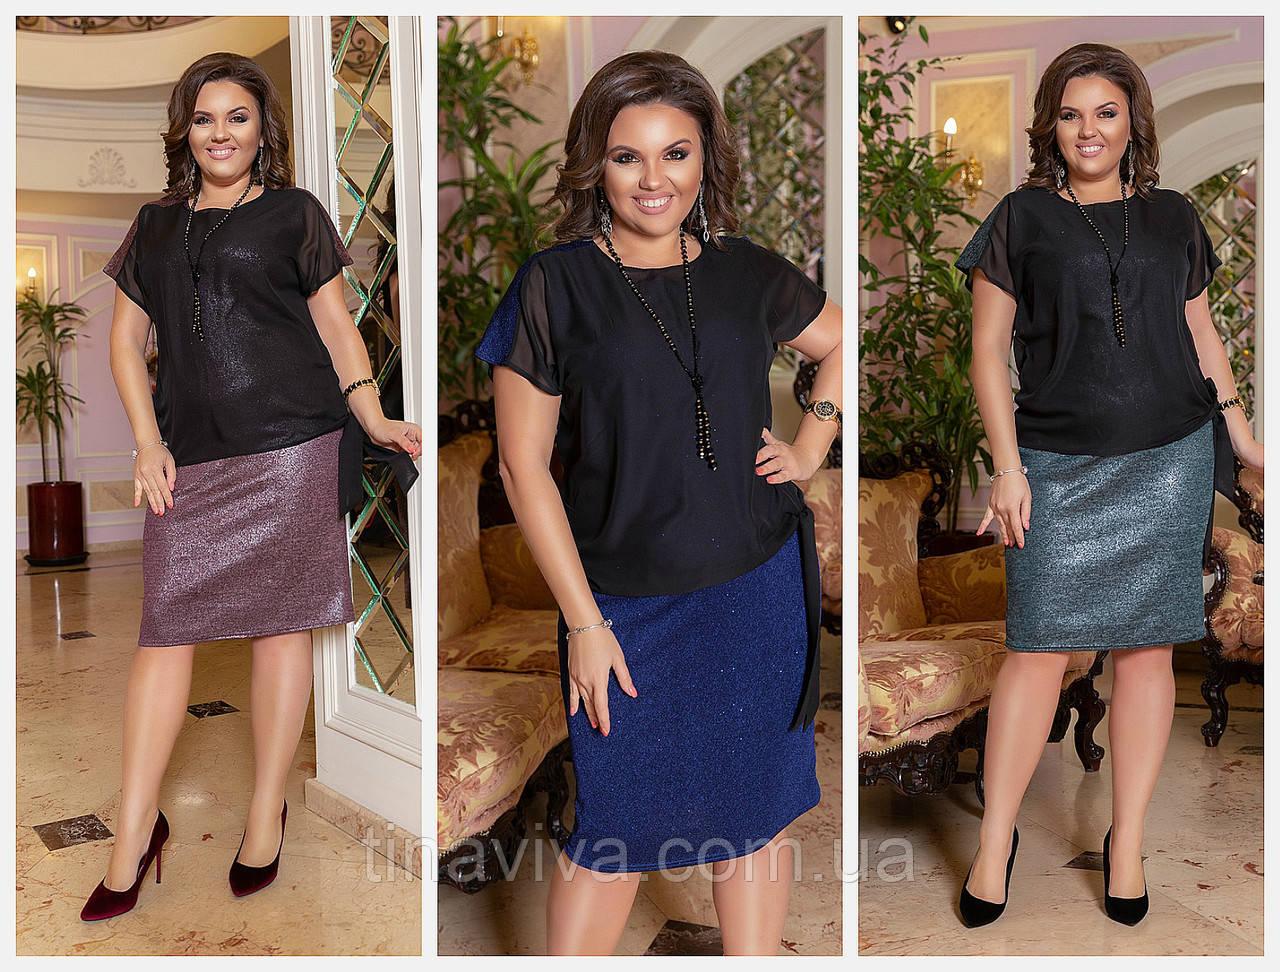 """Женский комплект платье и блузка большого размера """"Альбертина"""" (жіноче плаття ) баталл  четыре цвета"""